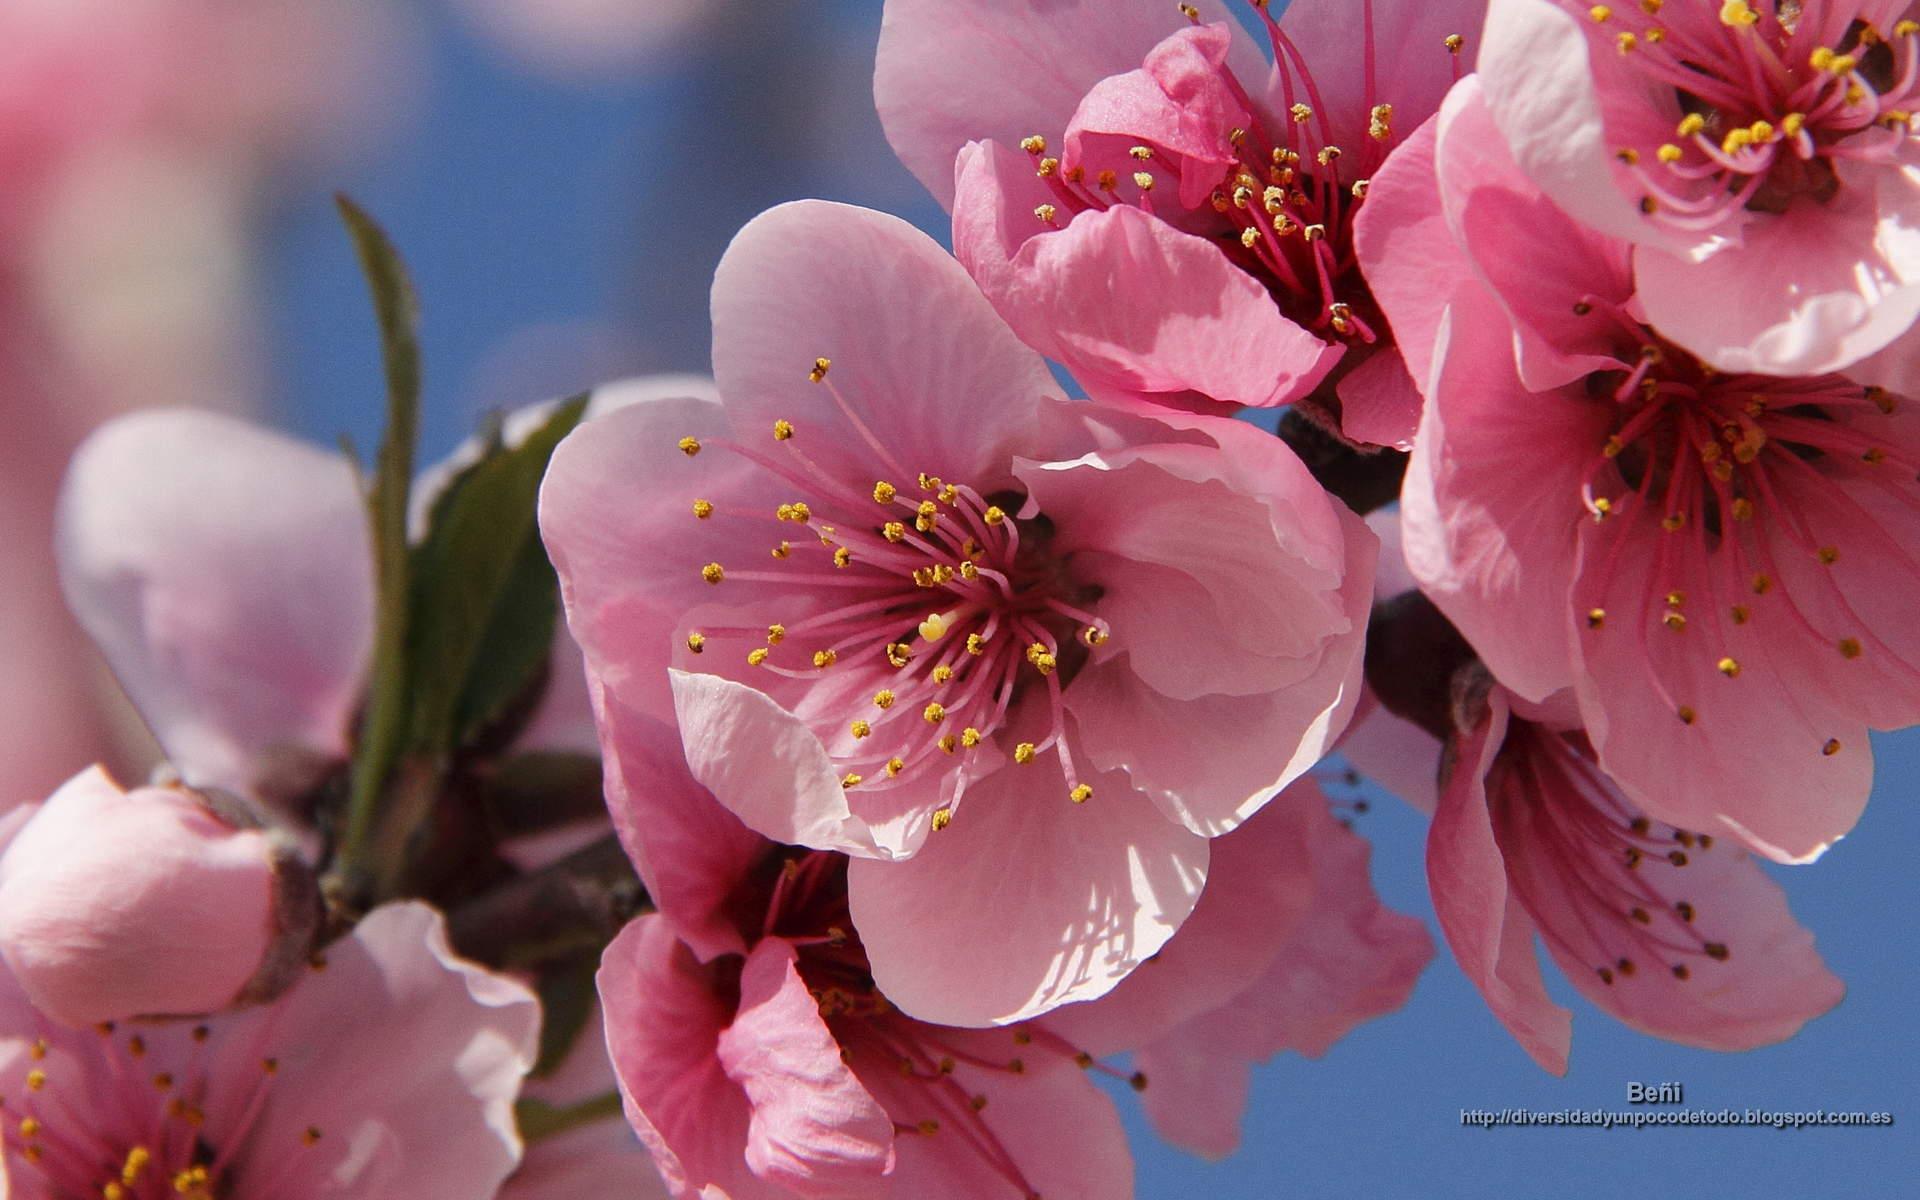 Descargar Fondos De Pantalla Para Pc Flores: Fondos De Pantalla O Wallpapers. Naturaleza: Flores, La